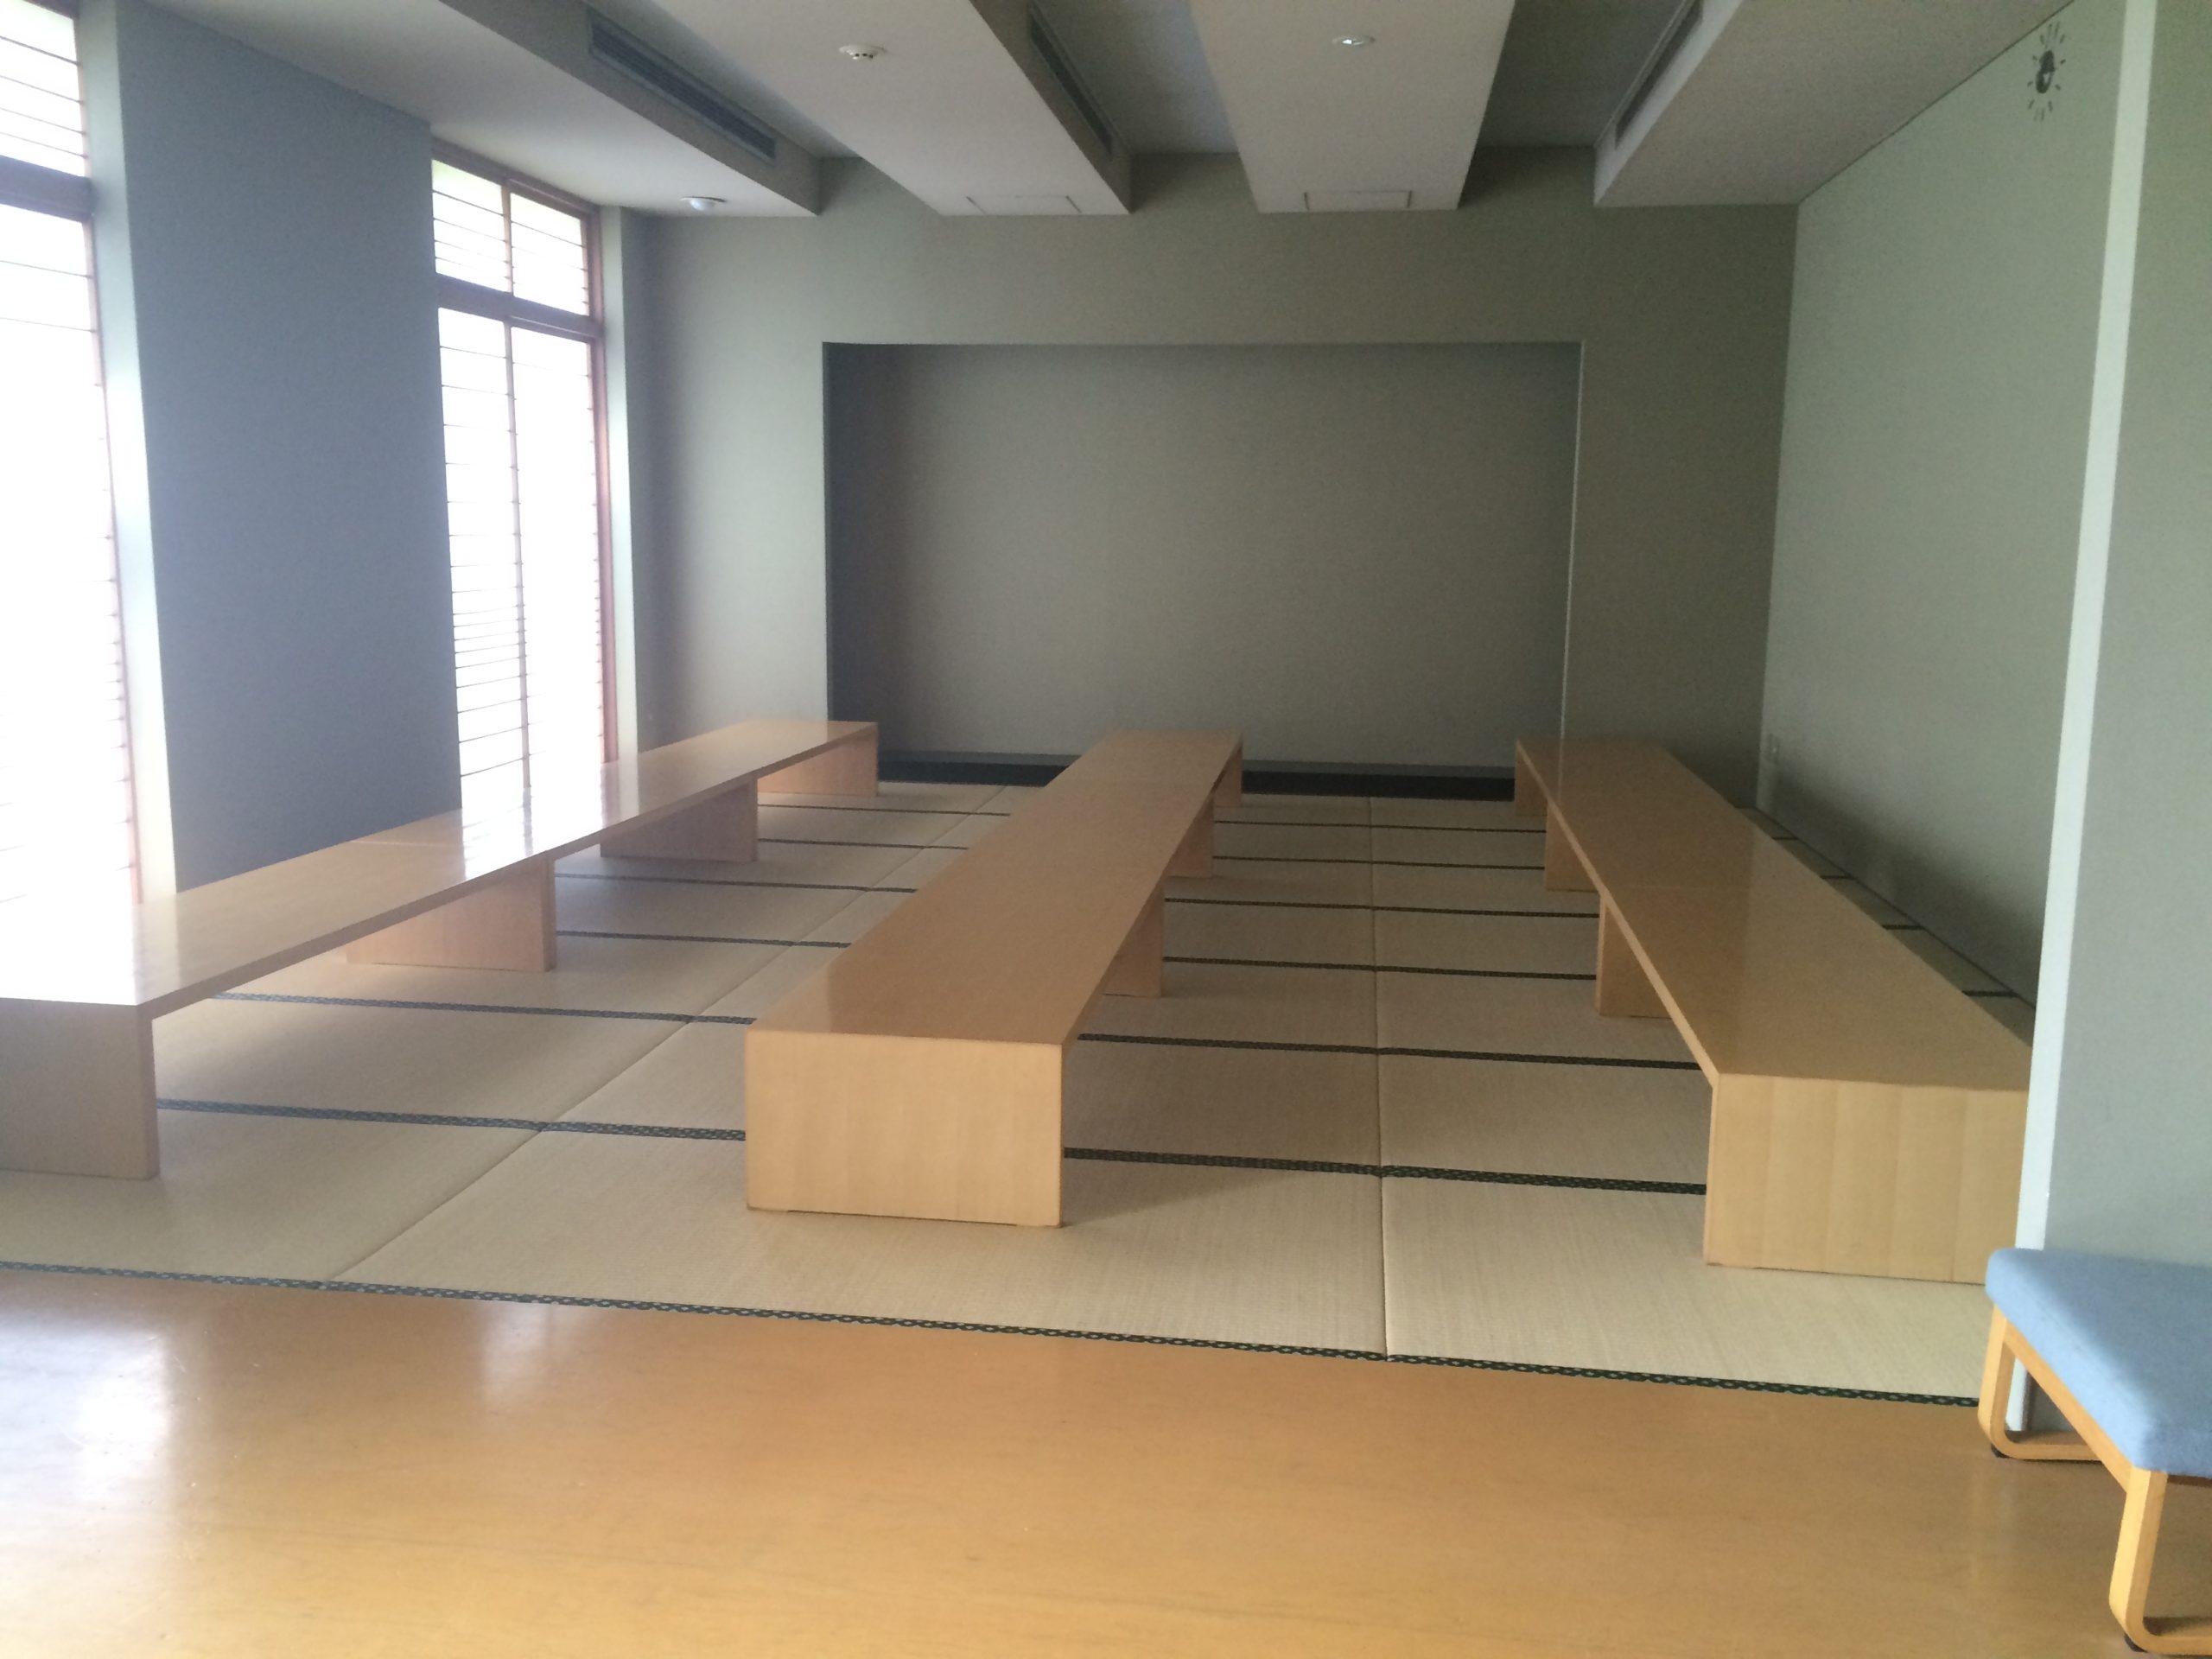 県央みずほ斎場の控室